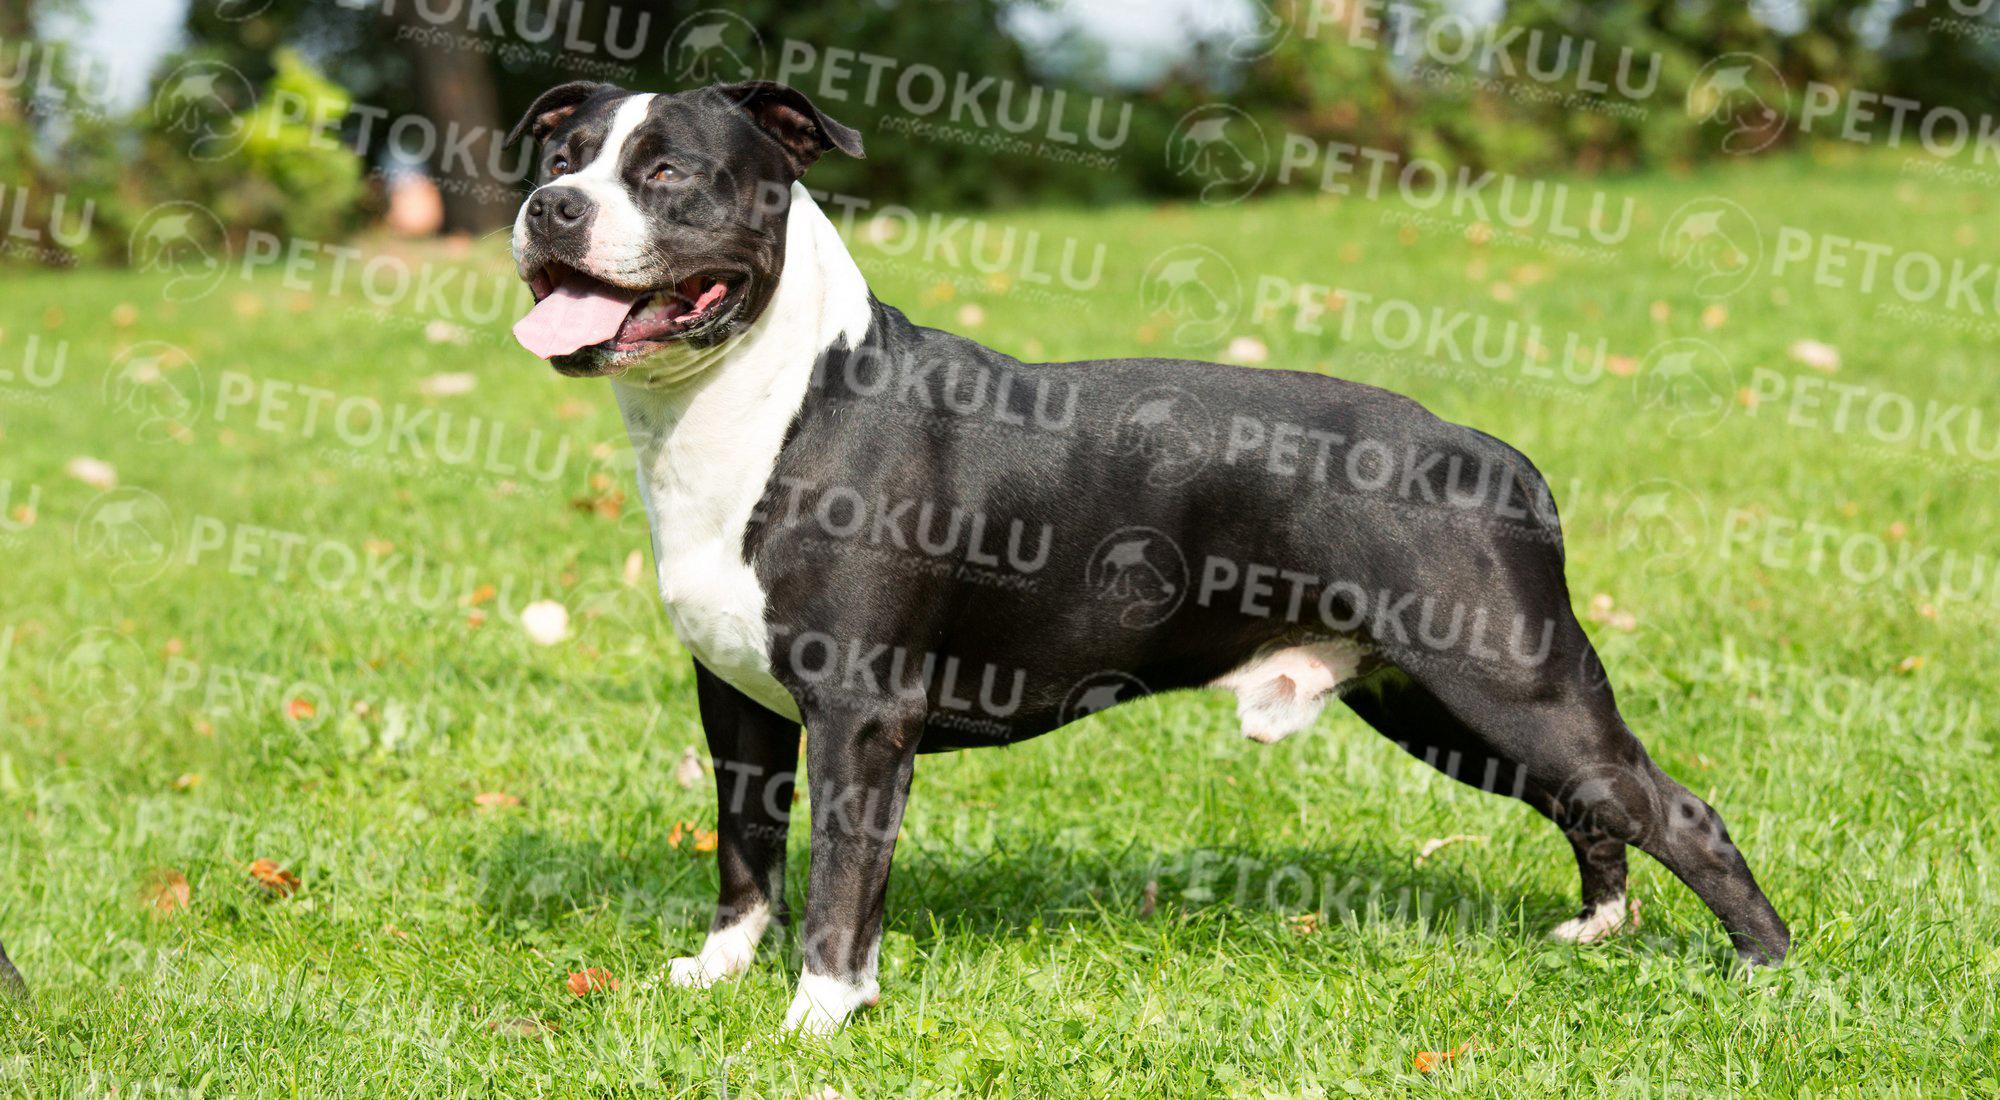 Amerikan Staffordshire Teriyer köpeği apartman dairesinde beslenebilir mi